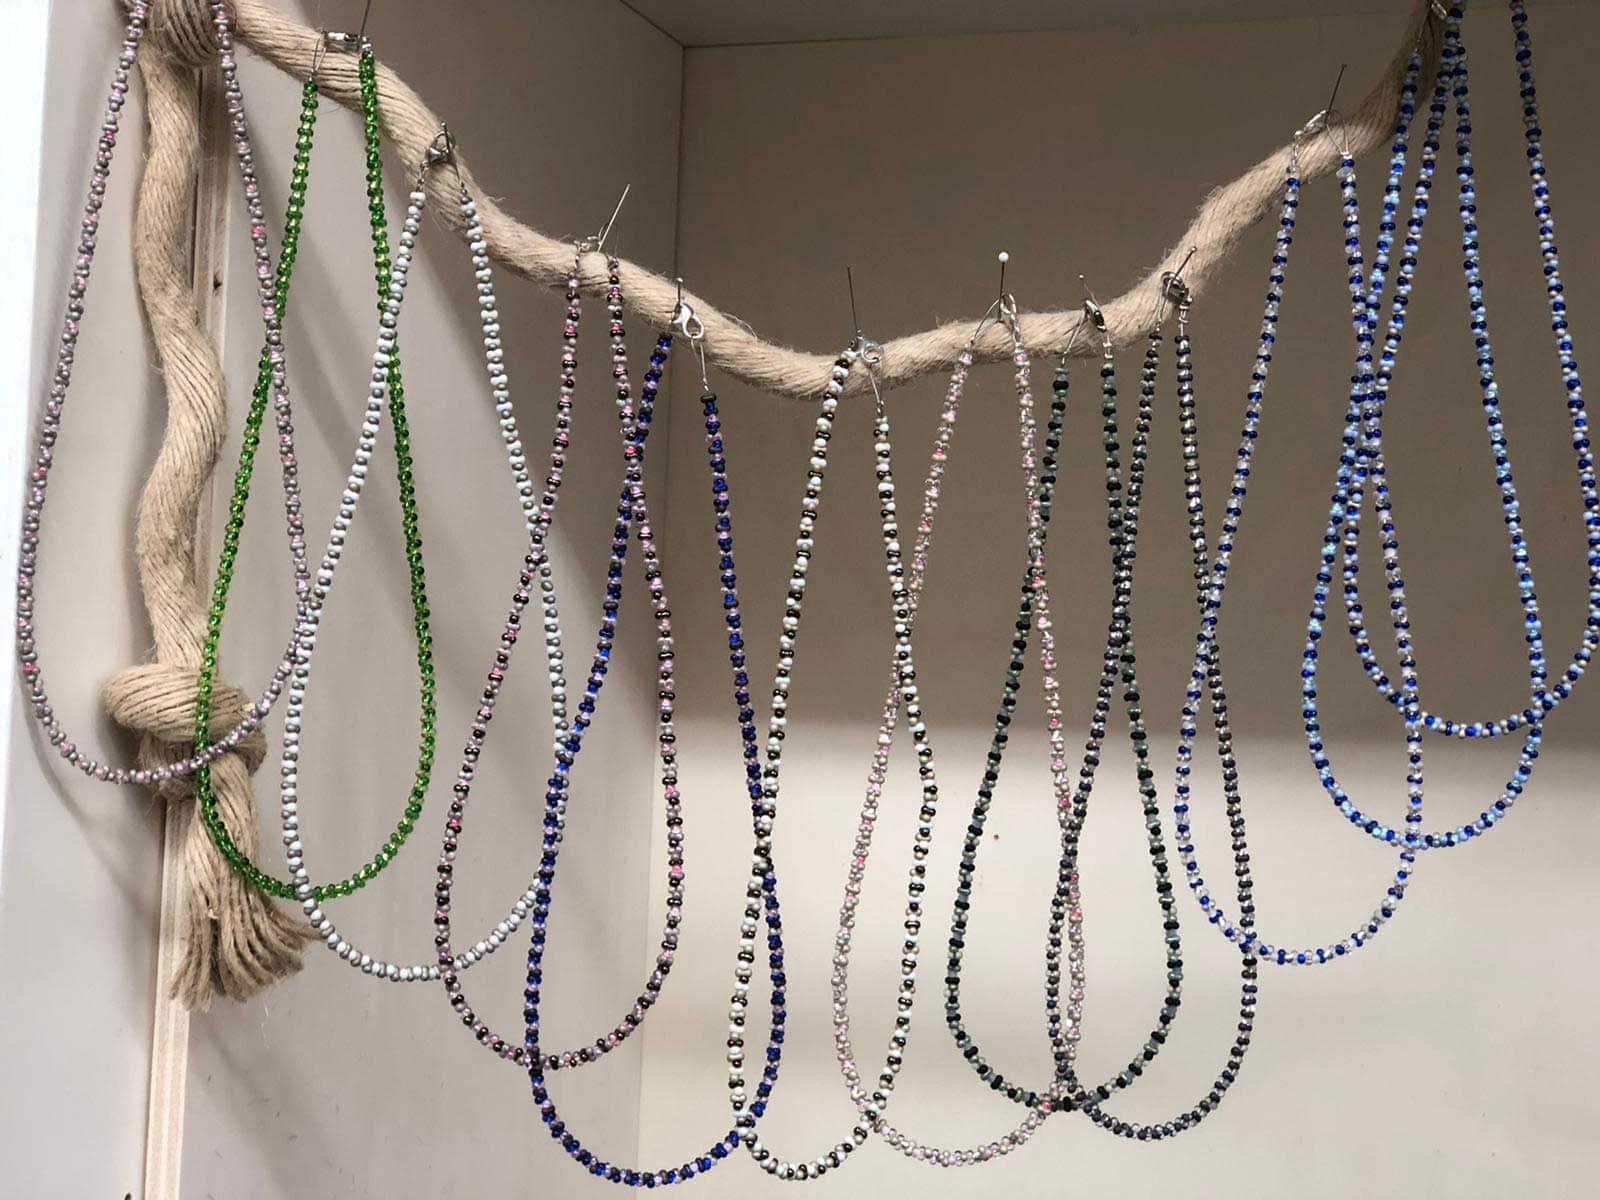 Perlenkette in verschiedenen Farben